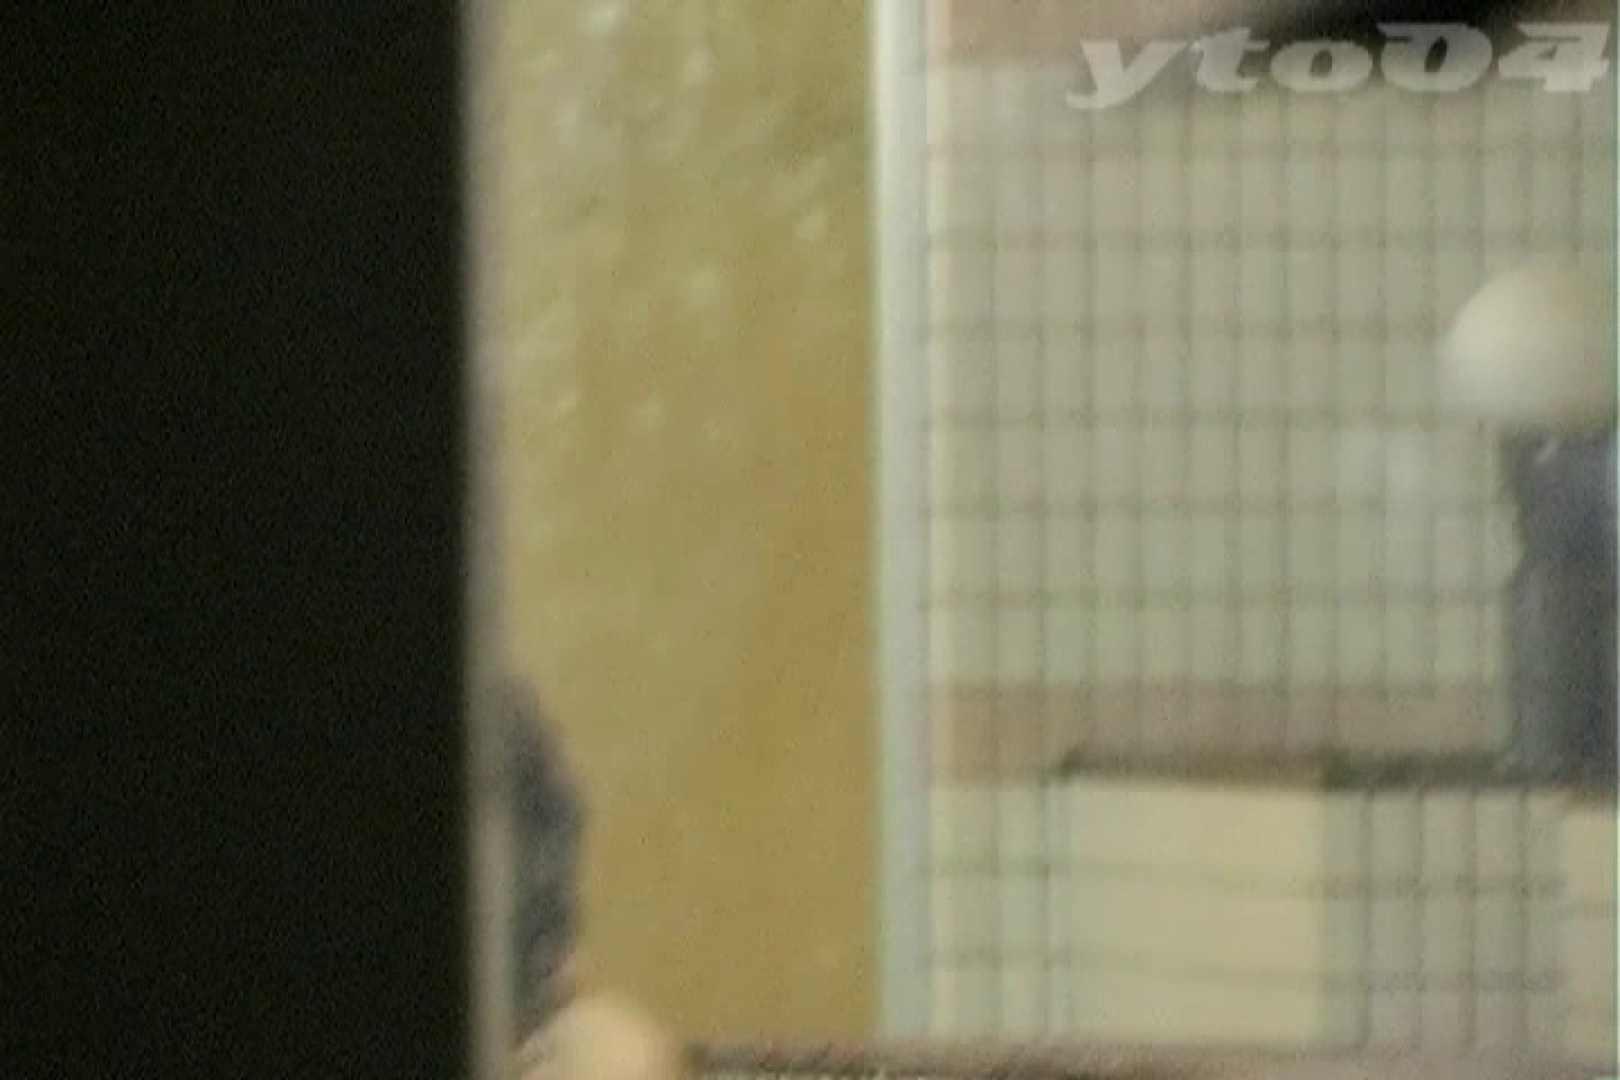 ▲復活限定▲合宿ホテル女風呂盗撮 Vol.24 ホテル  84PIX 25